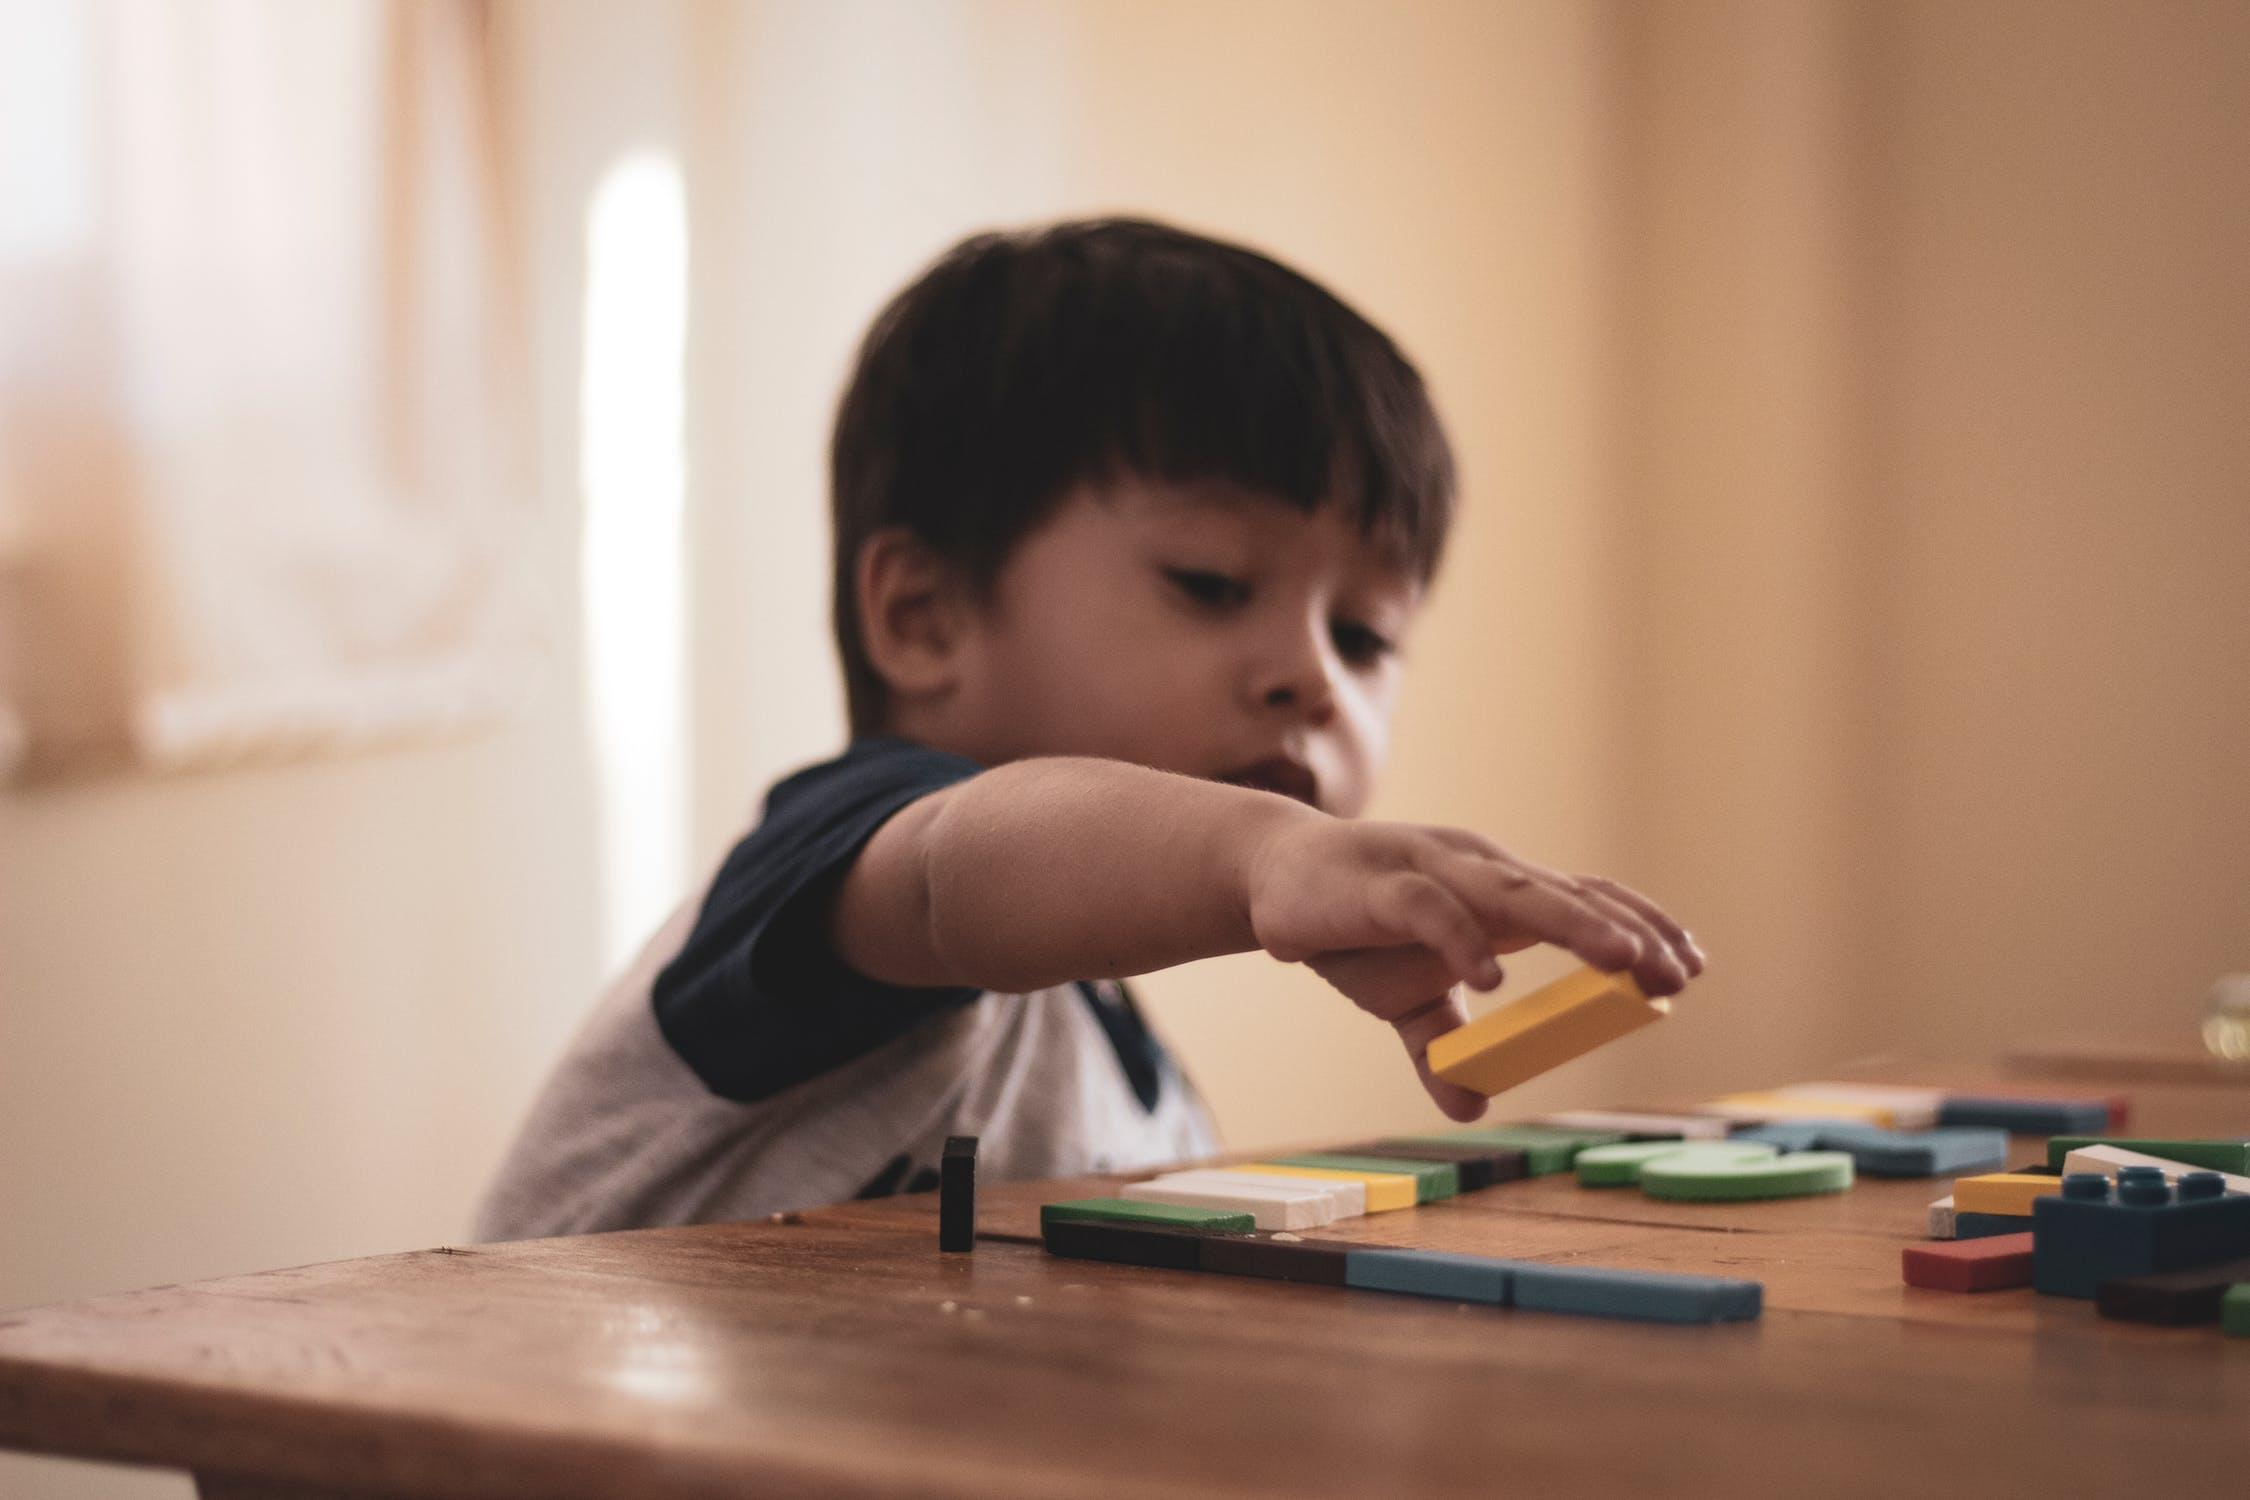 preescolar-maternal-escuela-educacion-universidad infantil-kinder